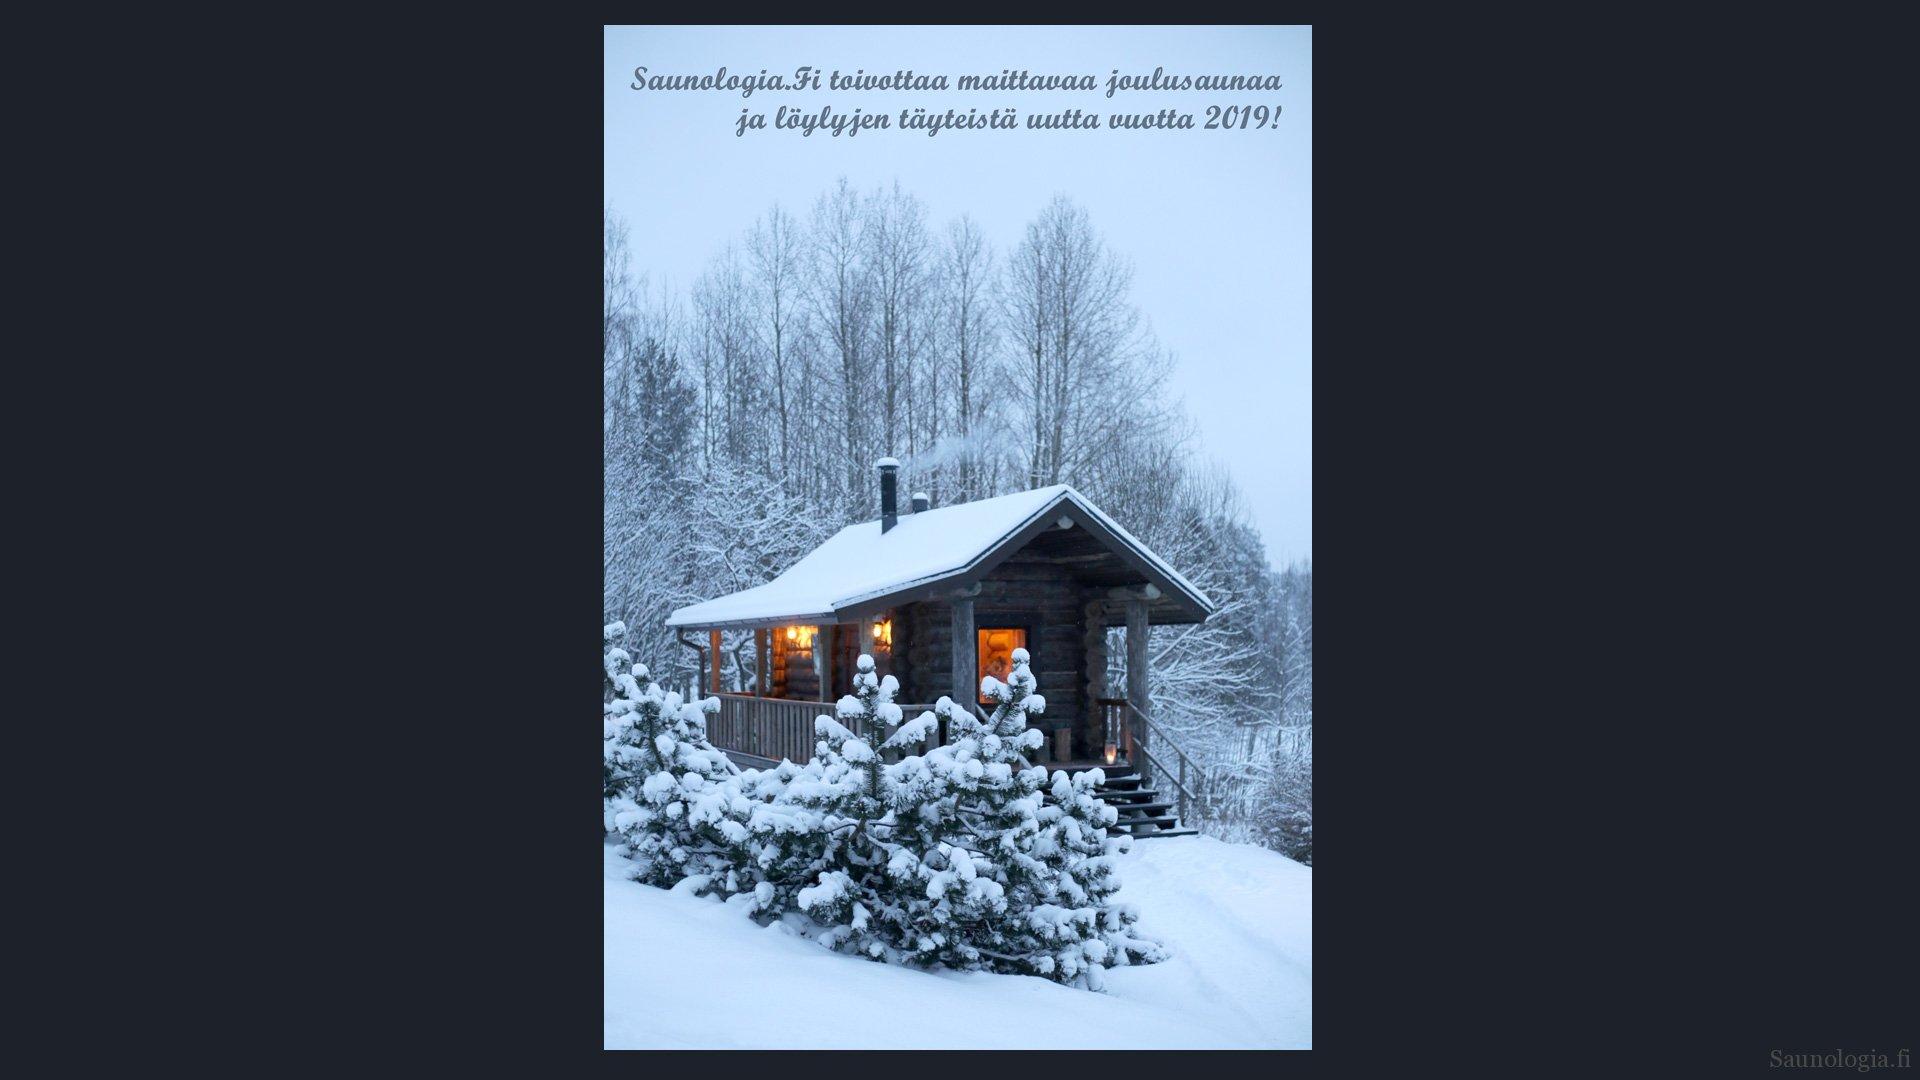 Saunologian joulukortti 2018